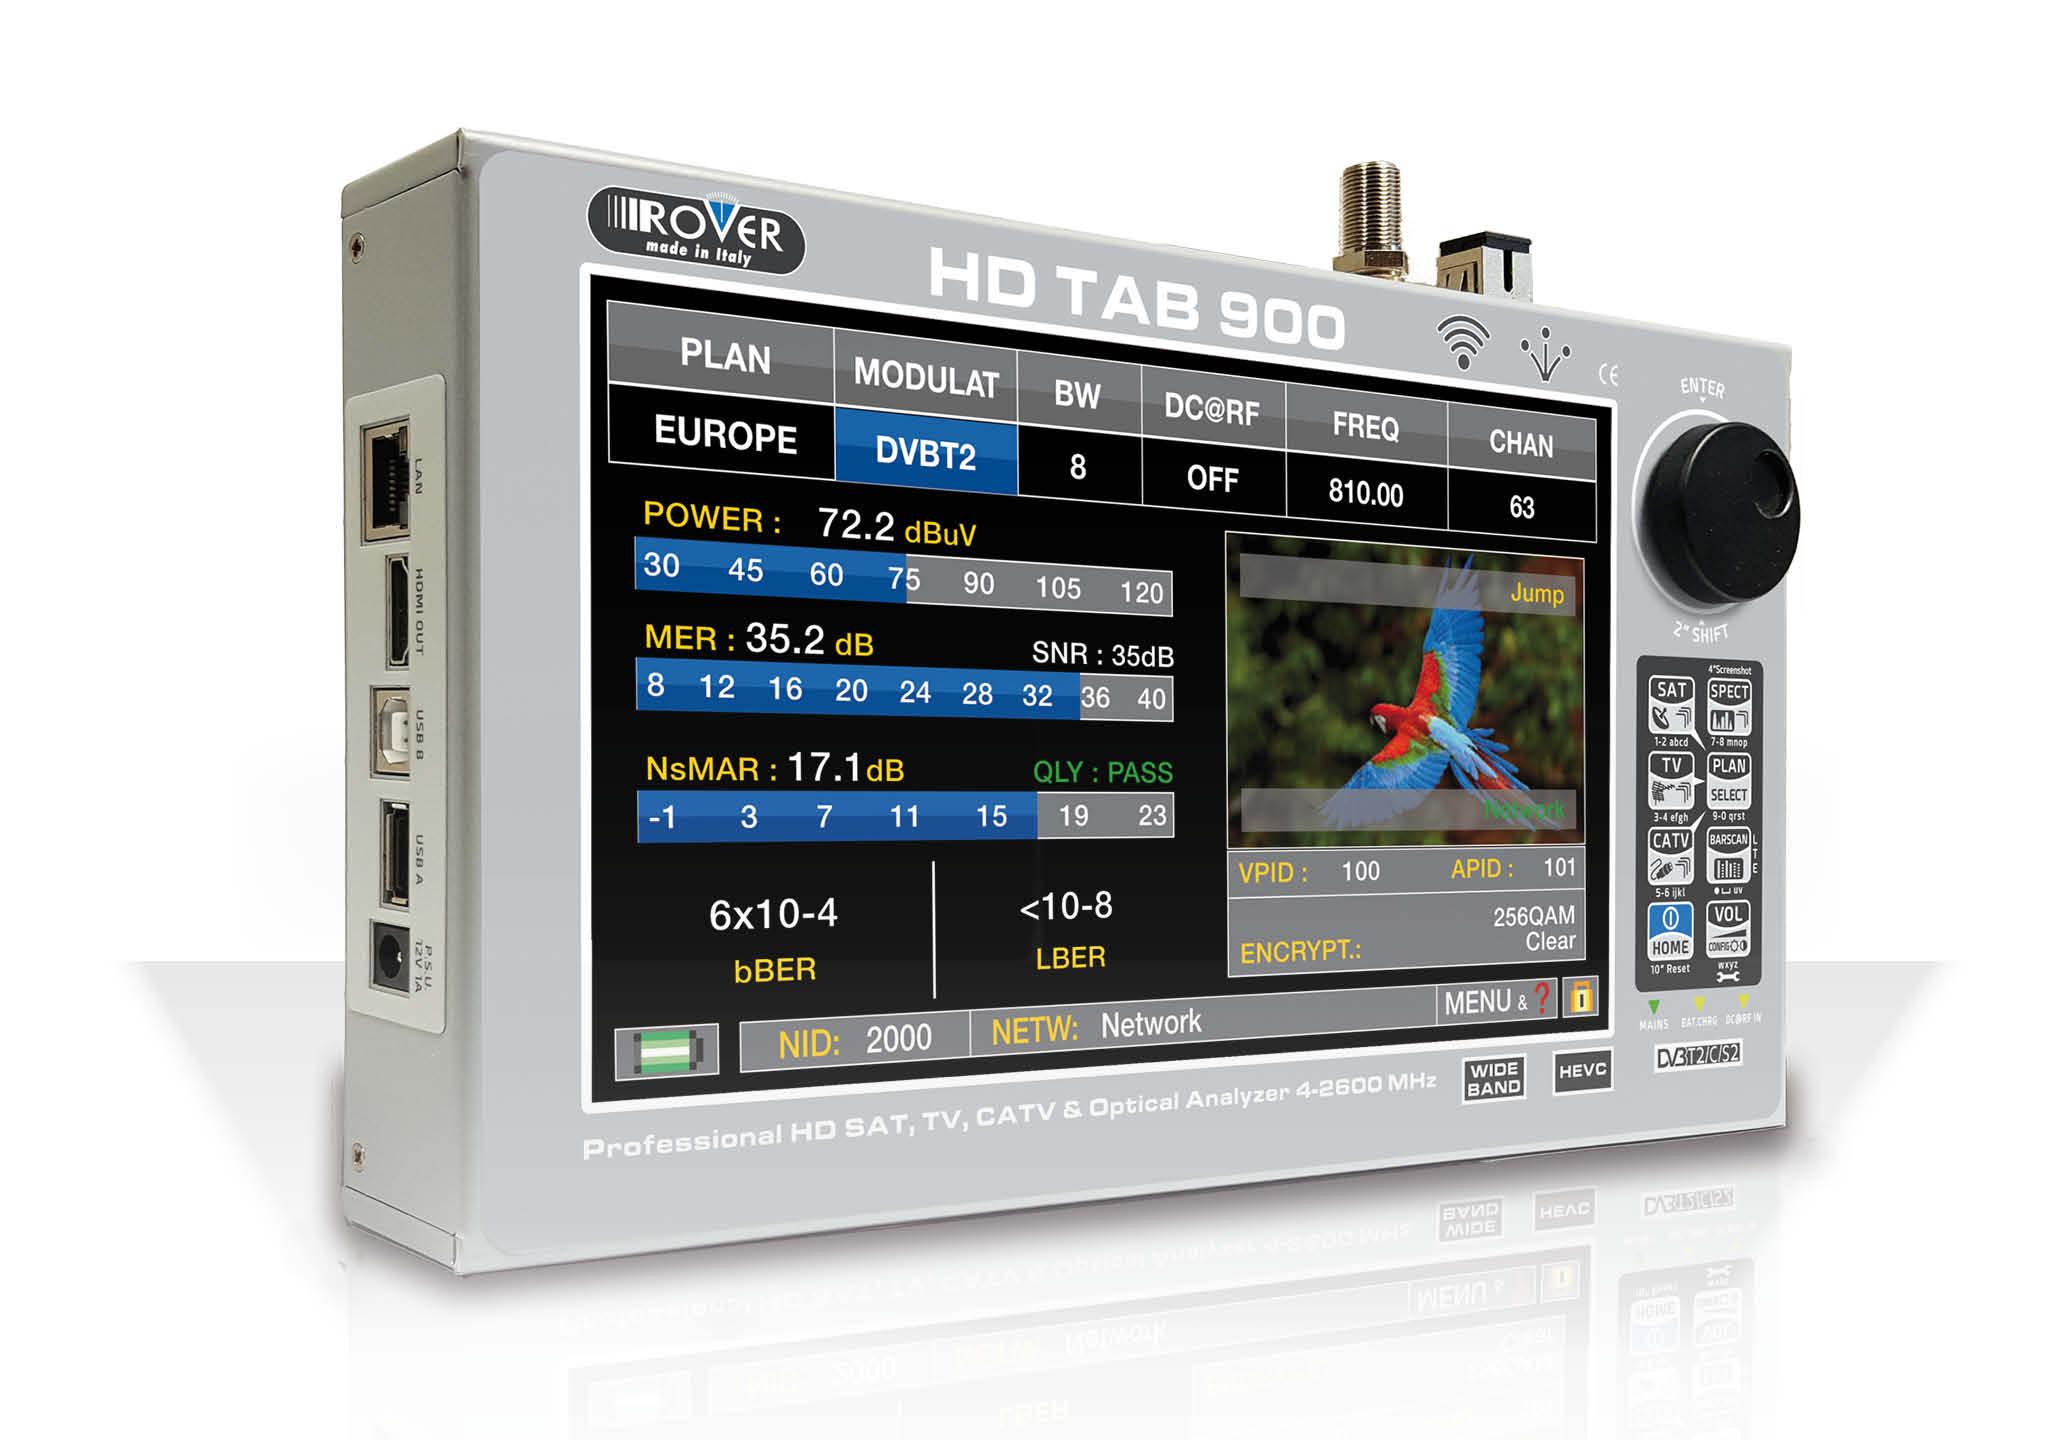 ROVER-HD-TAB-900-Plus4